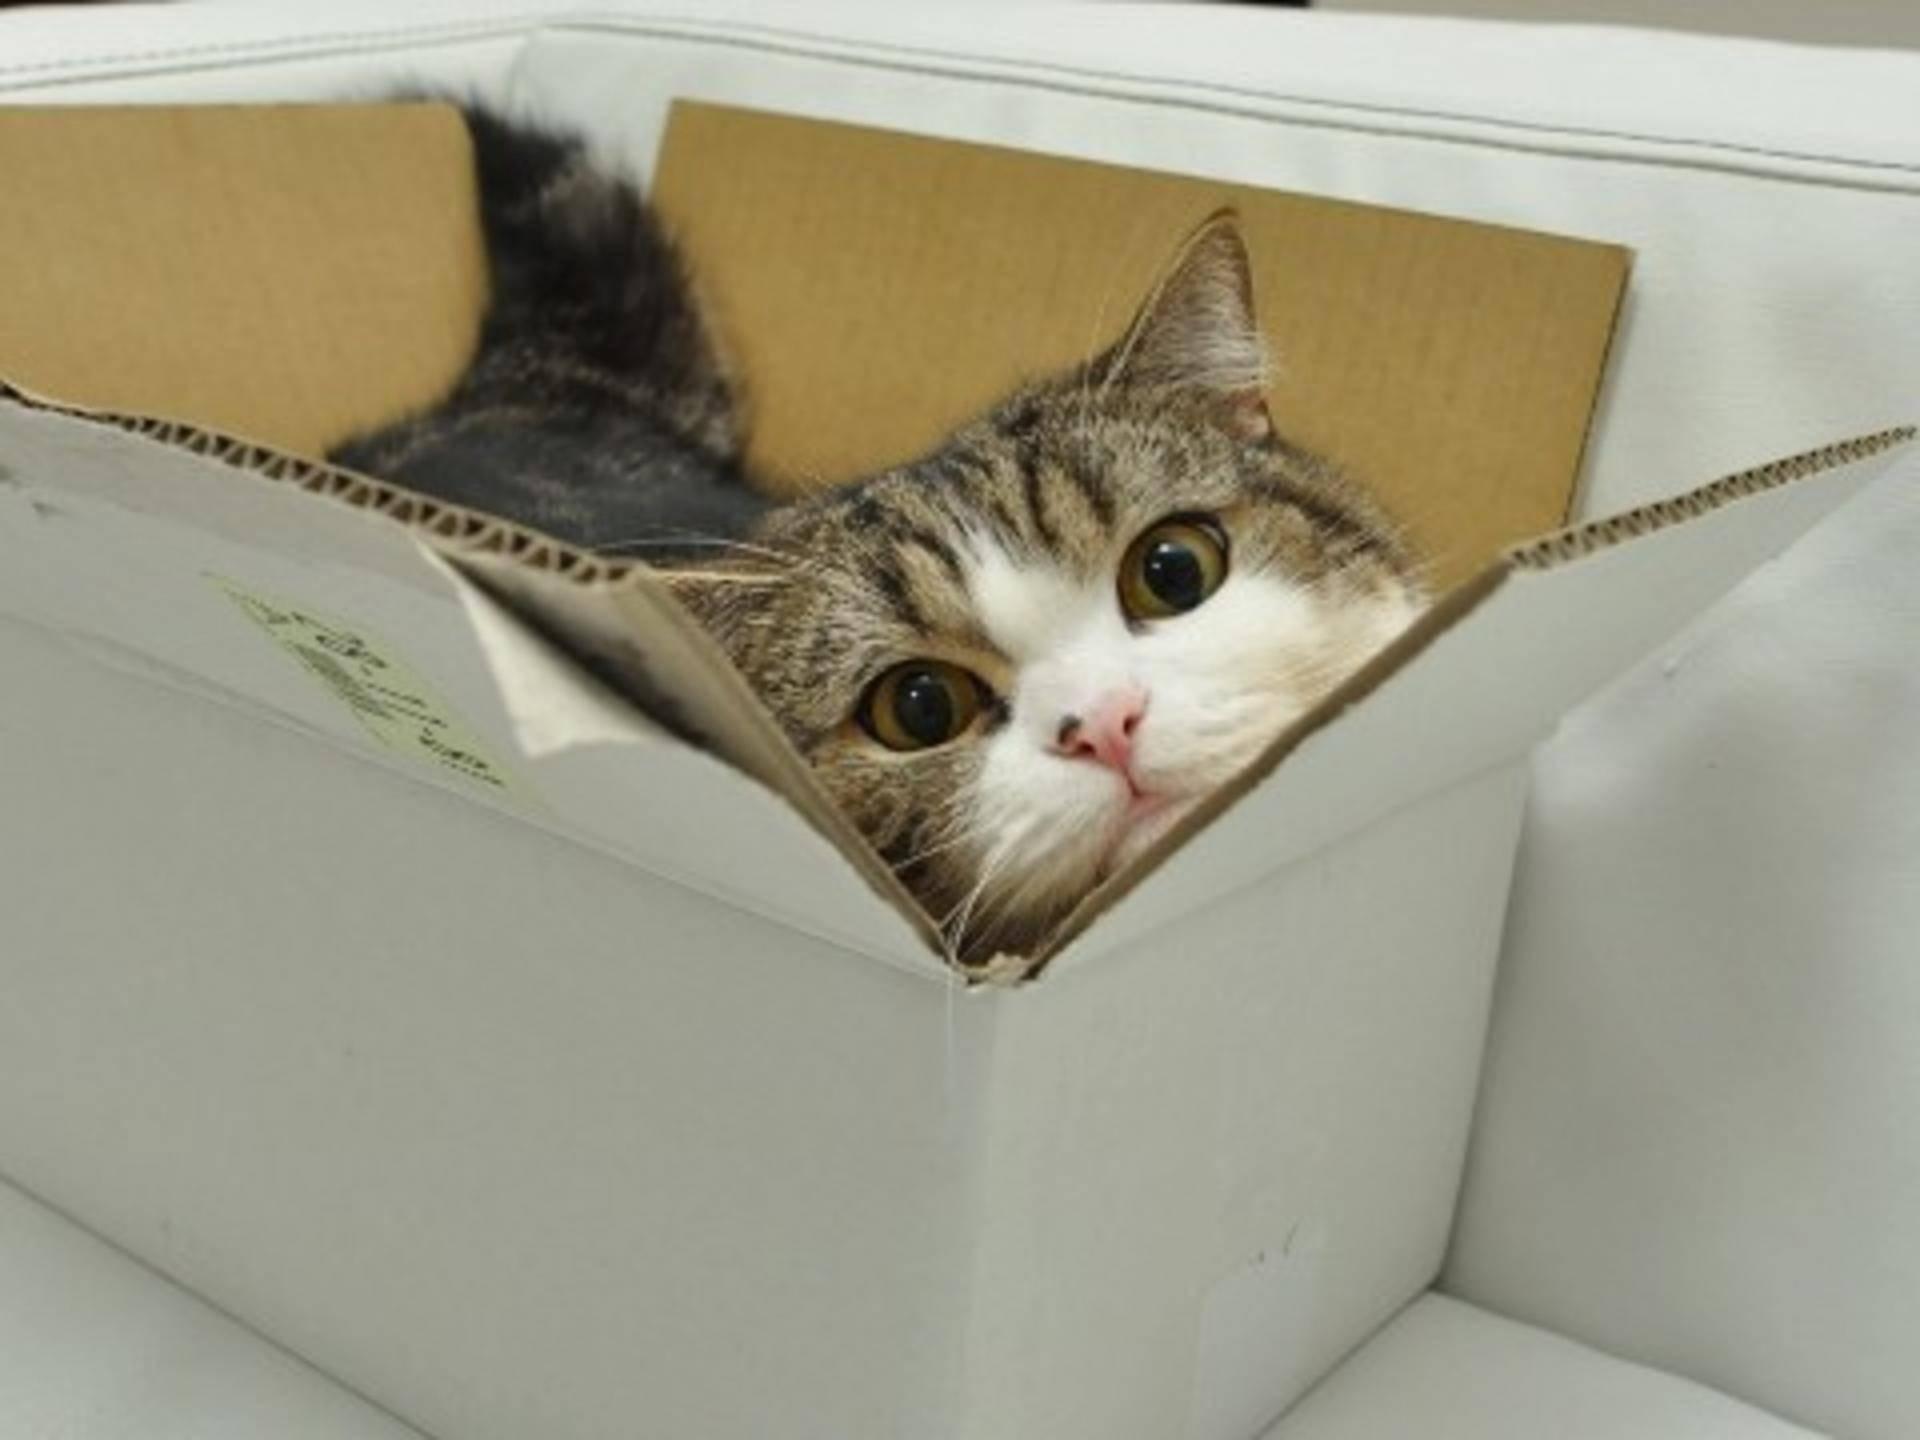 Почему кошки и коты любят коробки: в чем это проявляется, каковы причины, вред и польза такой привычки, фото, видео